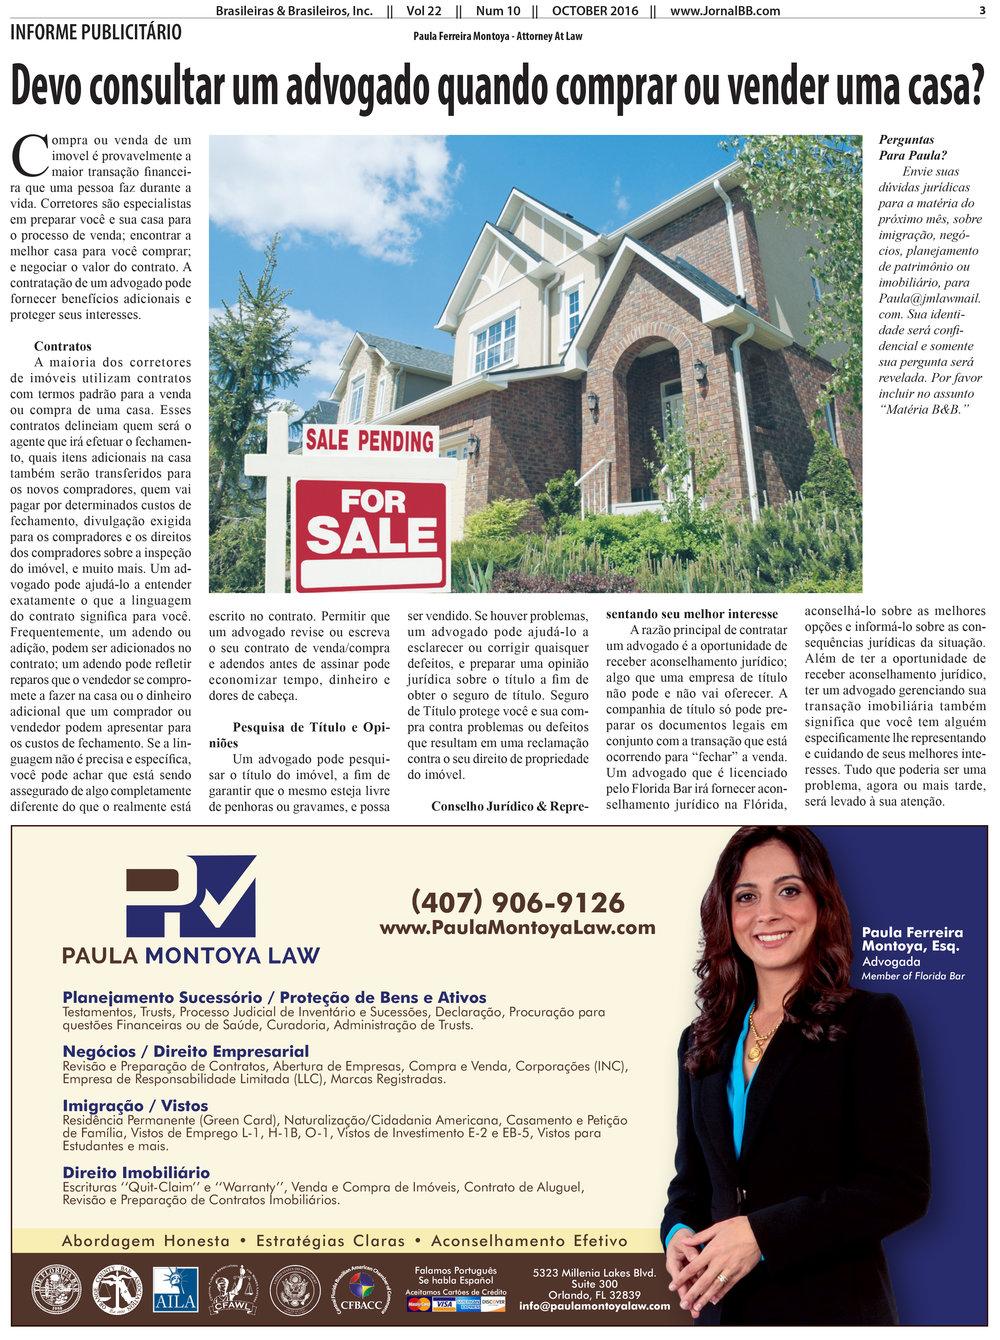 Devo Consultar Um Advogado Quando Comprar ou Vender Uma Casa?